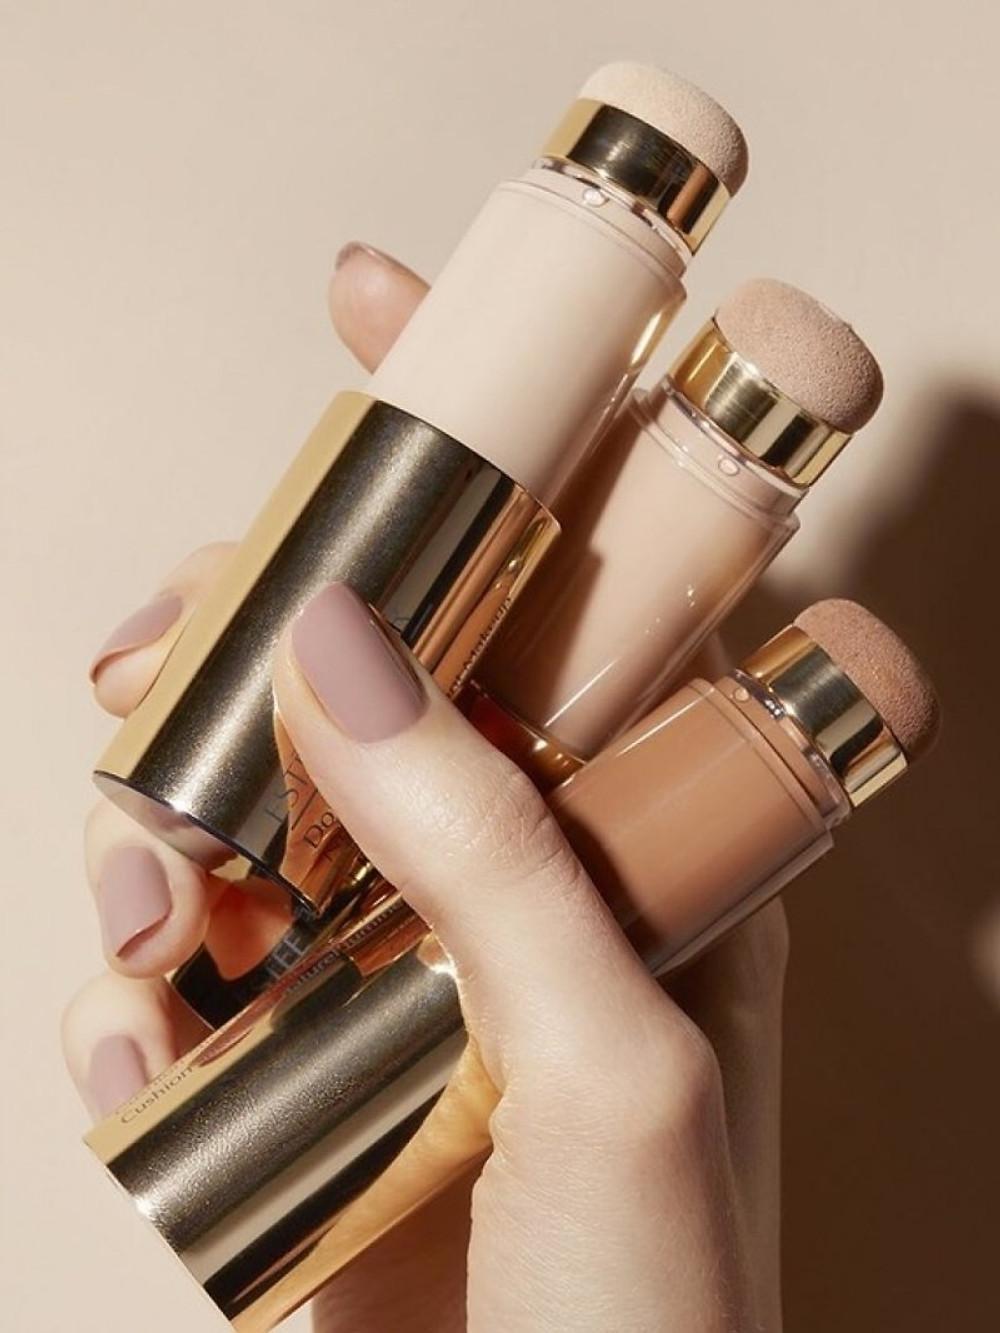 Ce système de distribution unique, aux multiples bienfaits, améliore l'apparence de la peau et lui donne un aspect éclatant, frais et plein de vitalité.